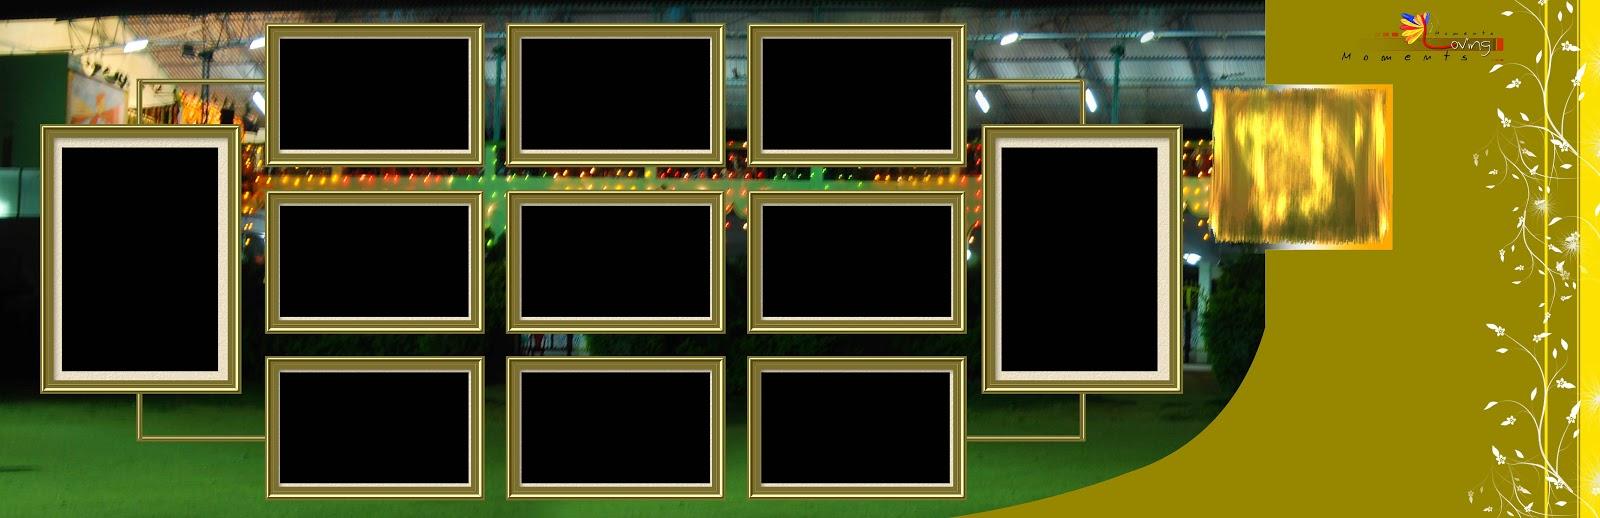 12 X 36 Photo Frame Home Design Ideas